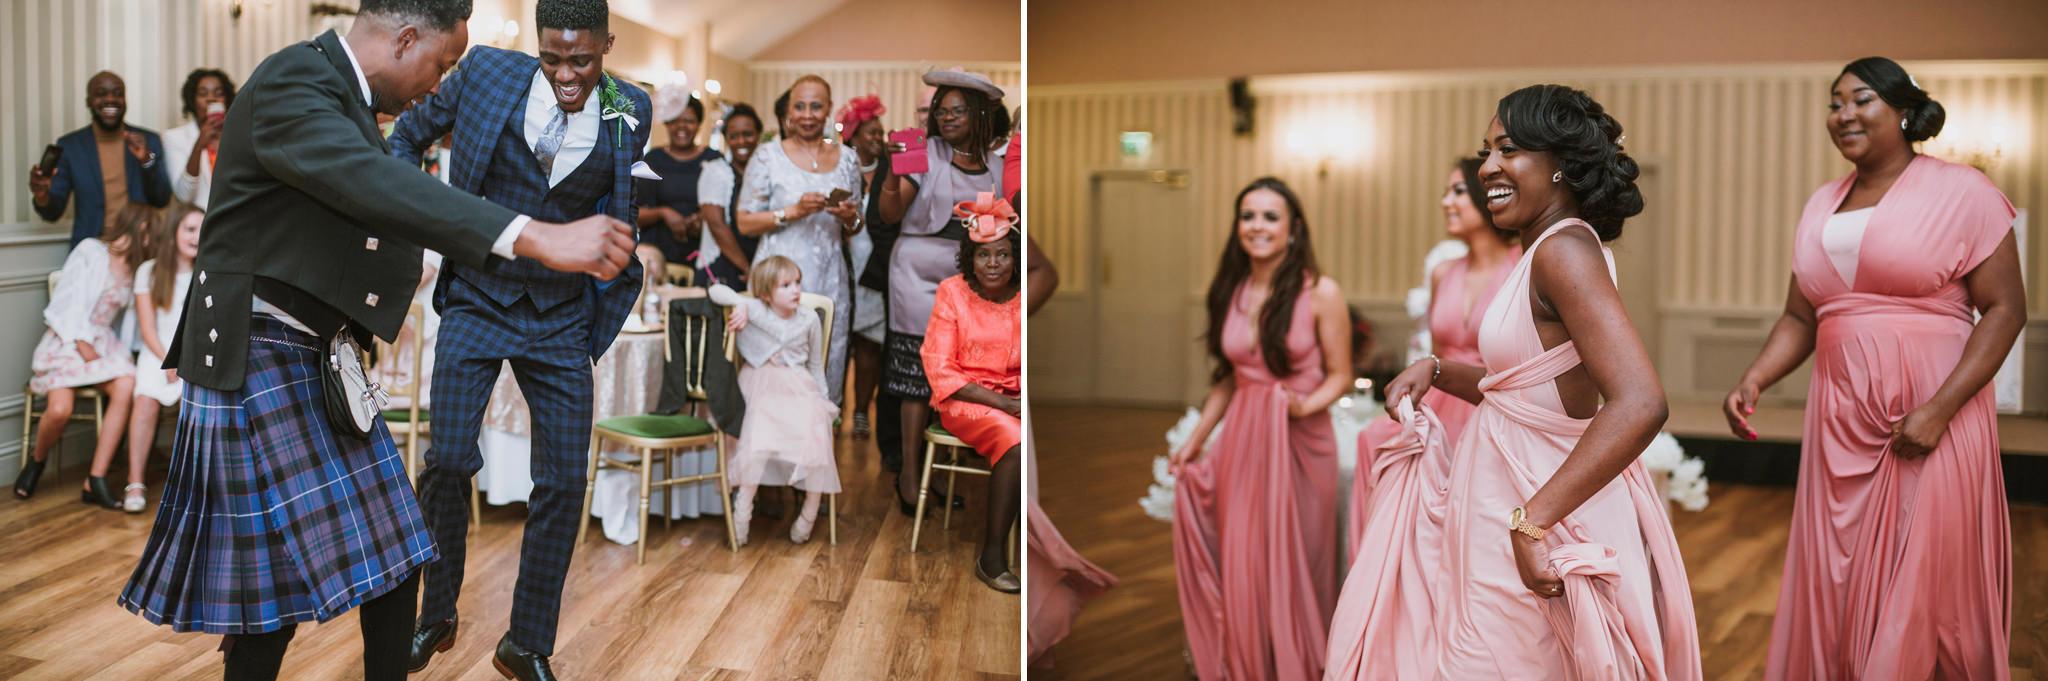 scotland-wedding-elopement-photographer-071.jpg